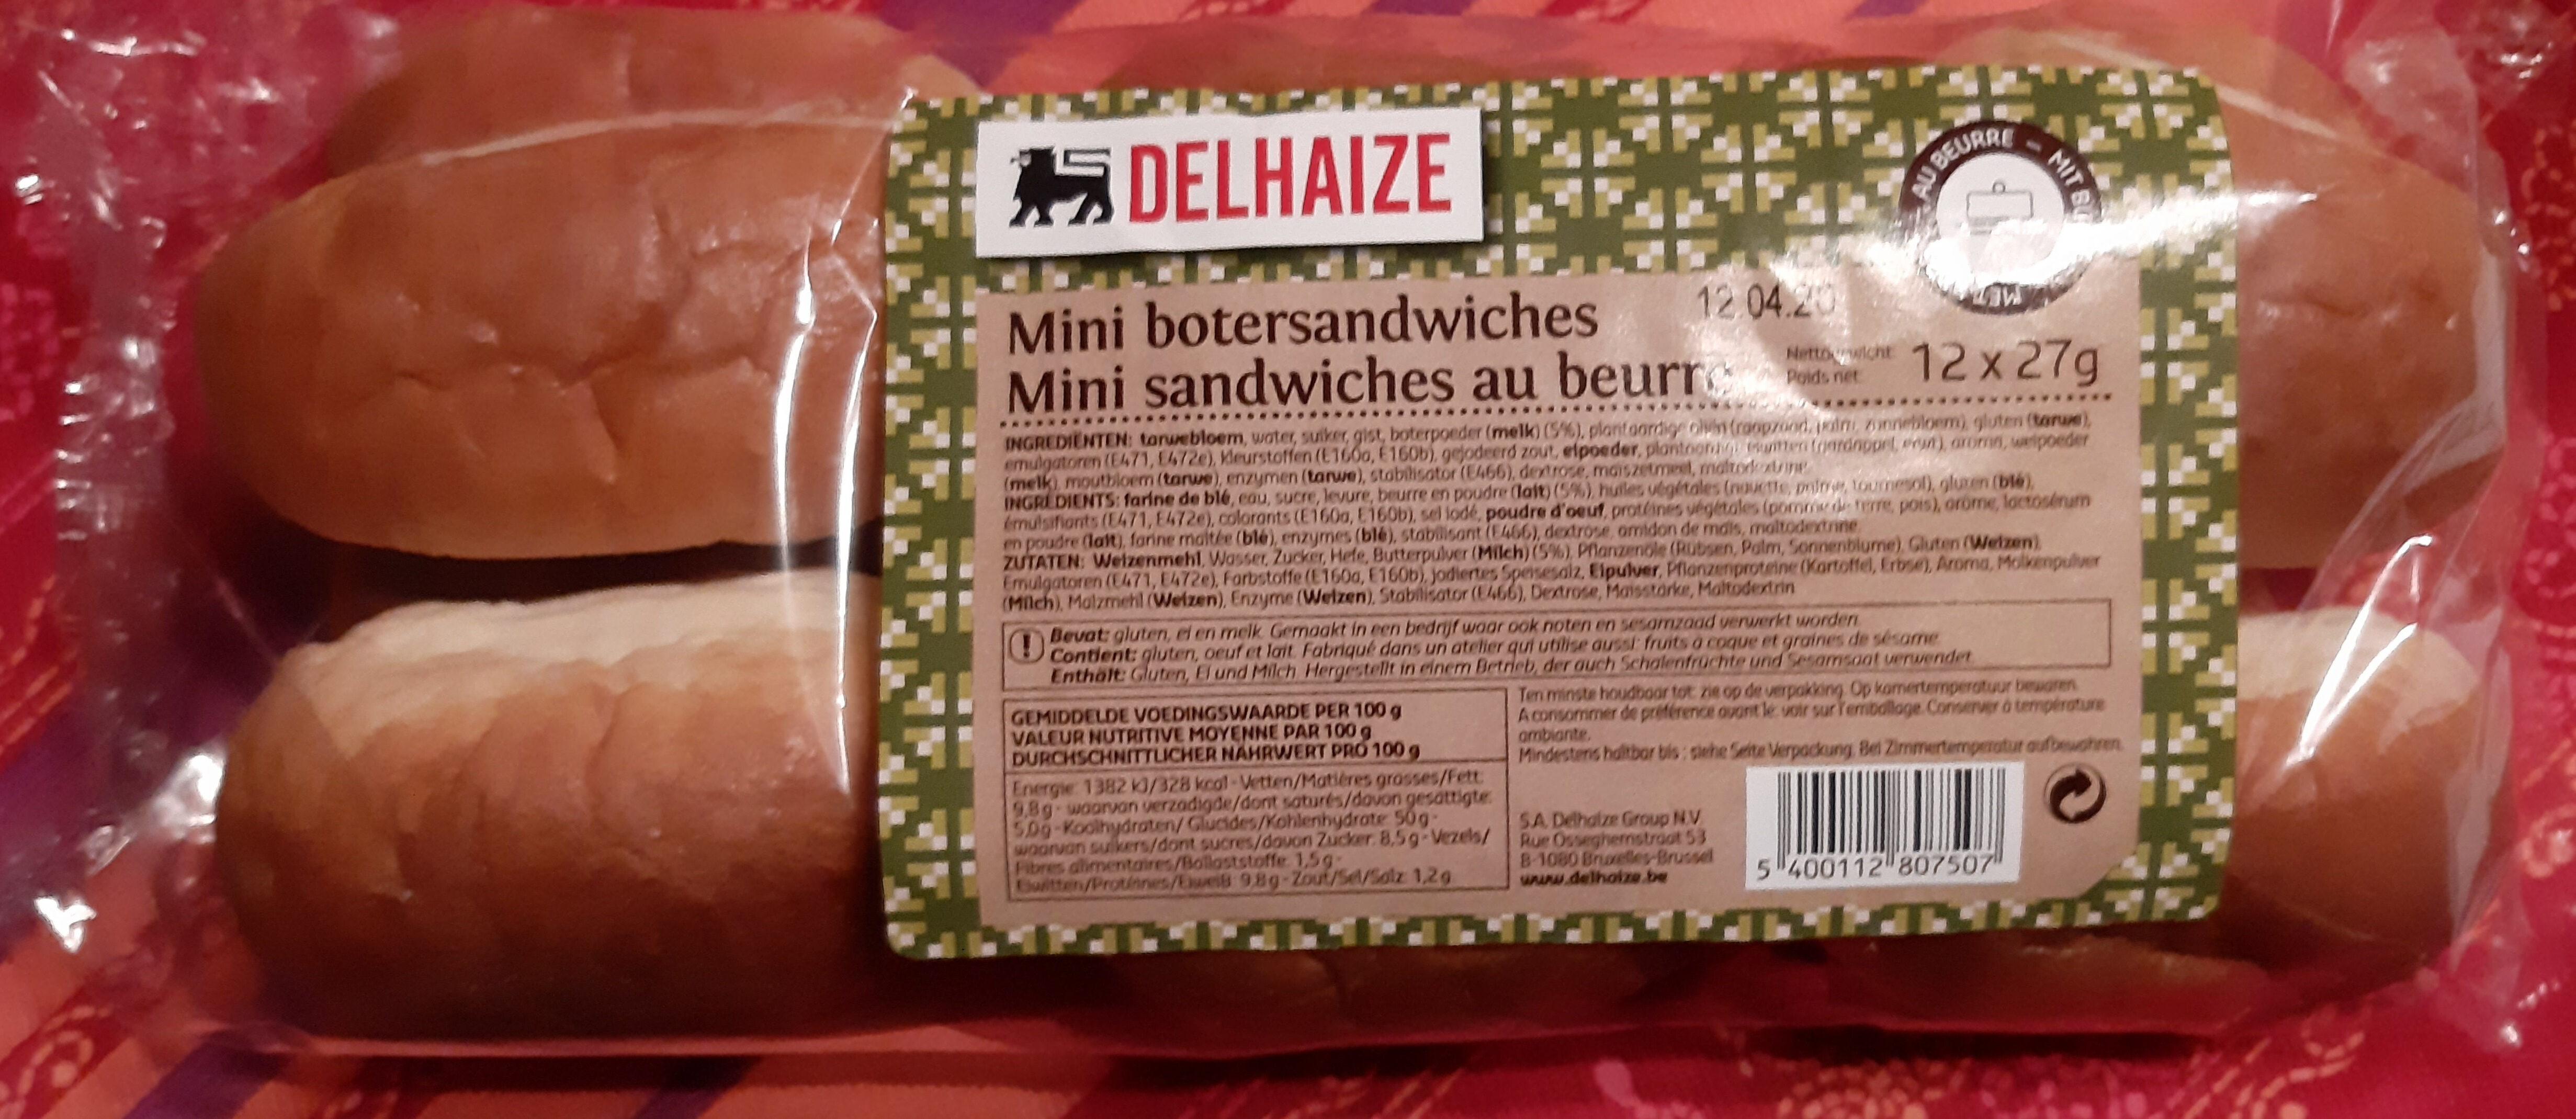 Mini sandwiches au beurre - Produit - fr